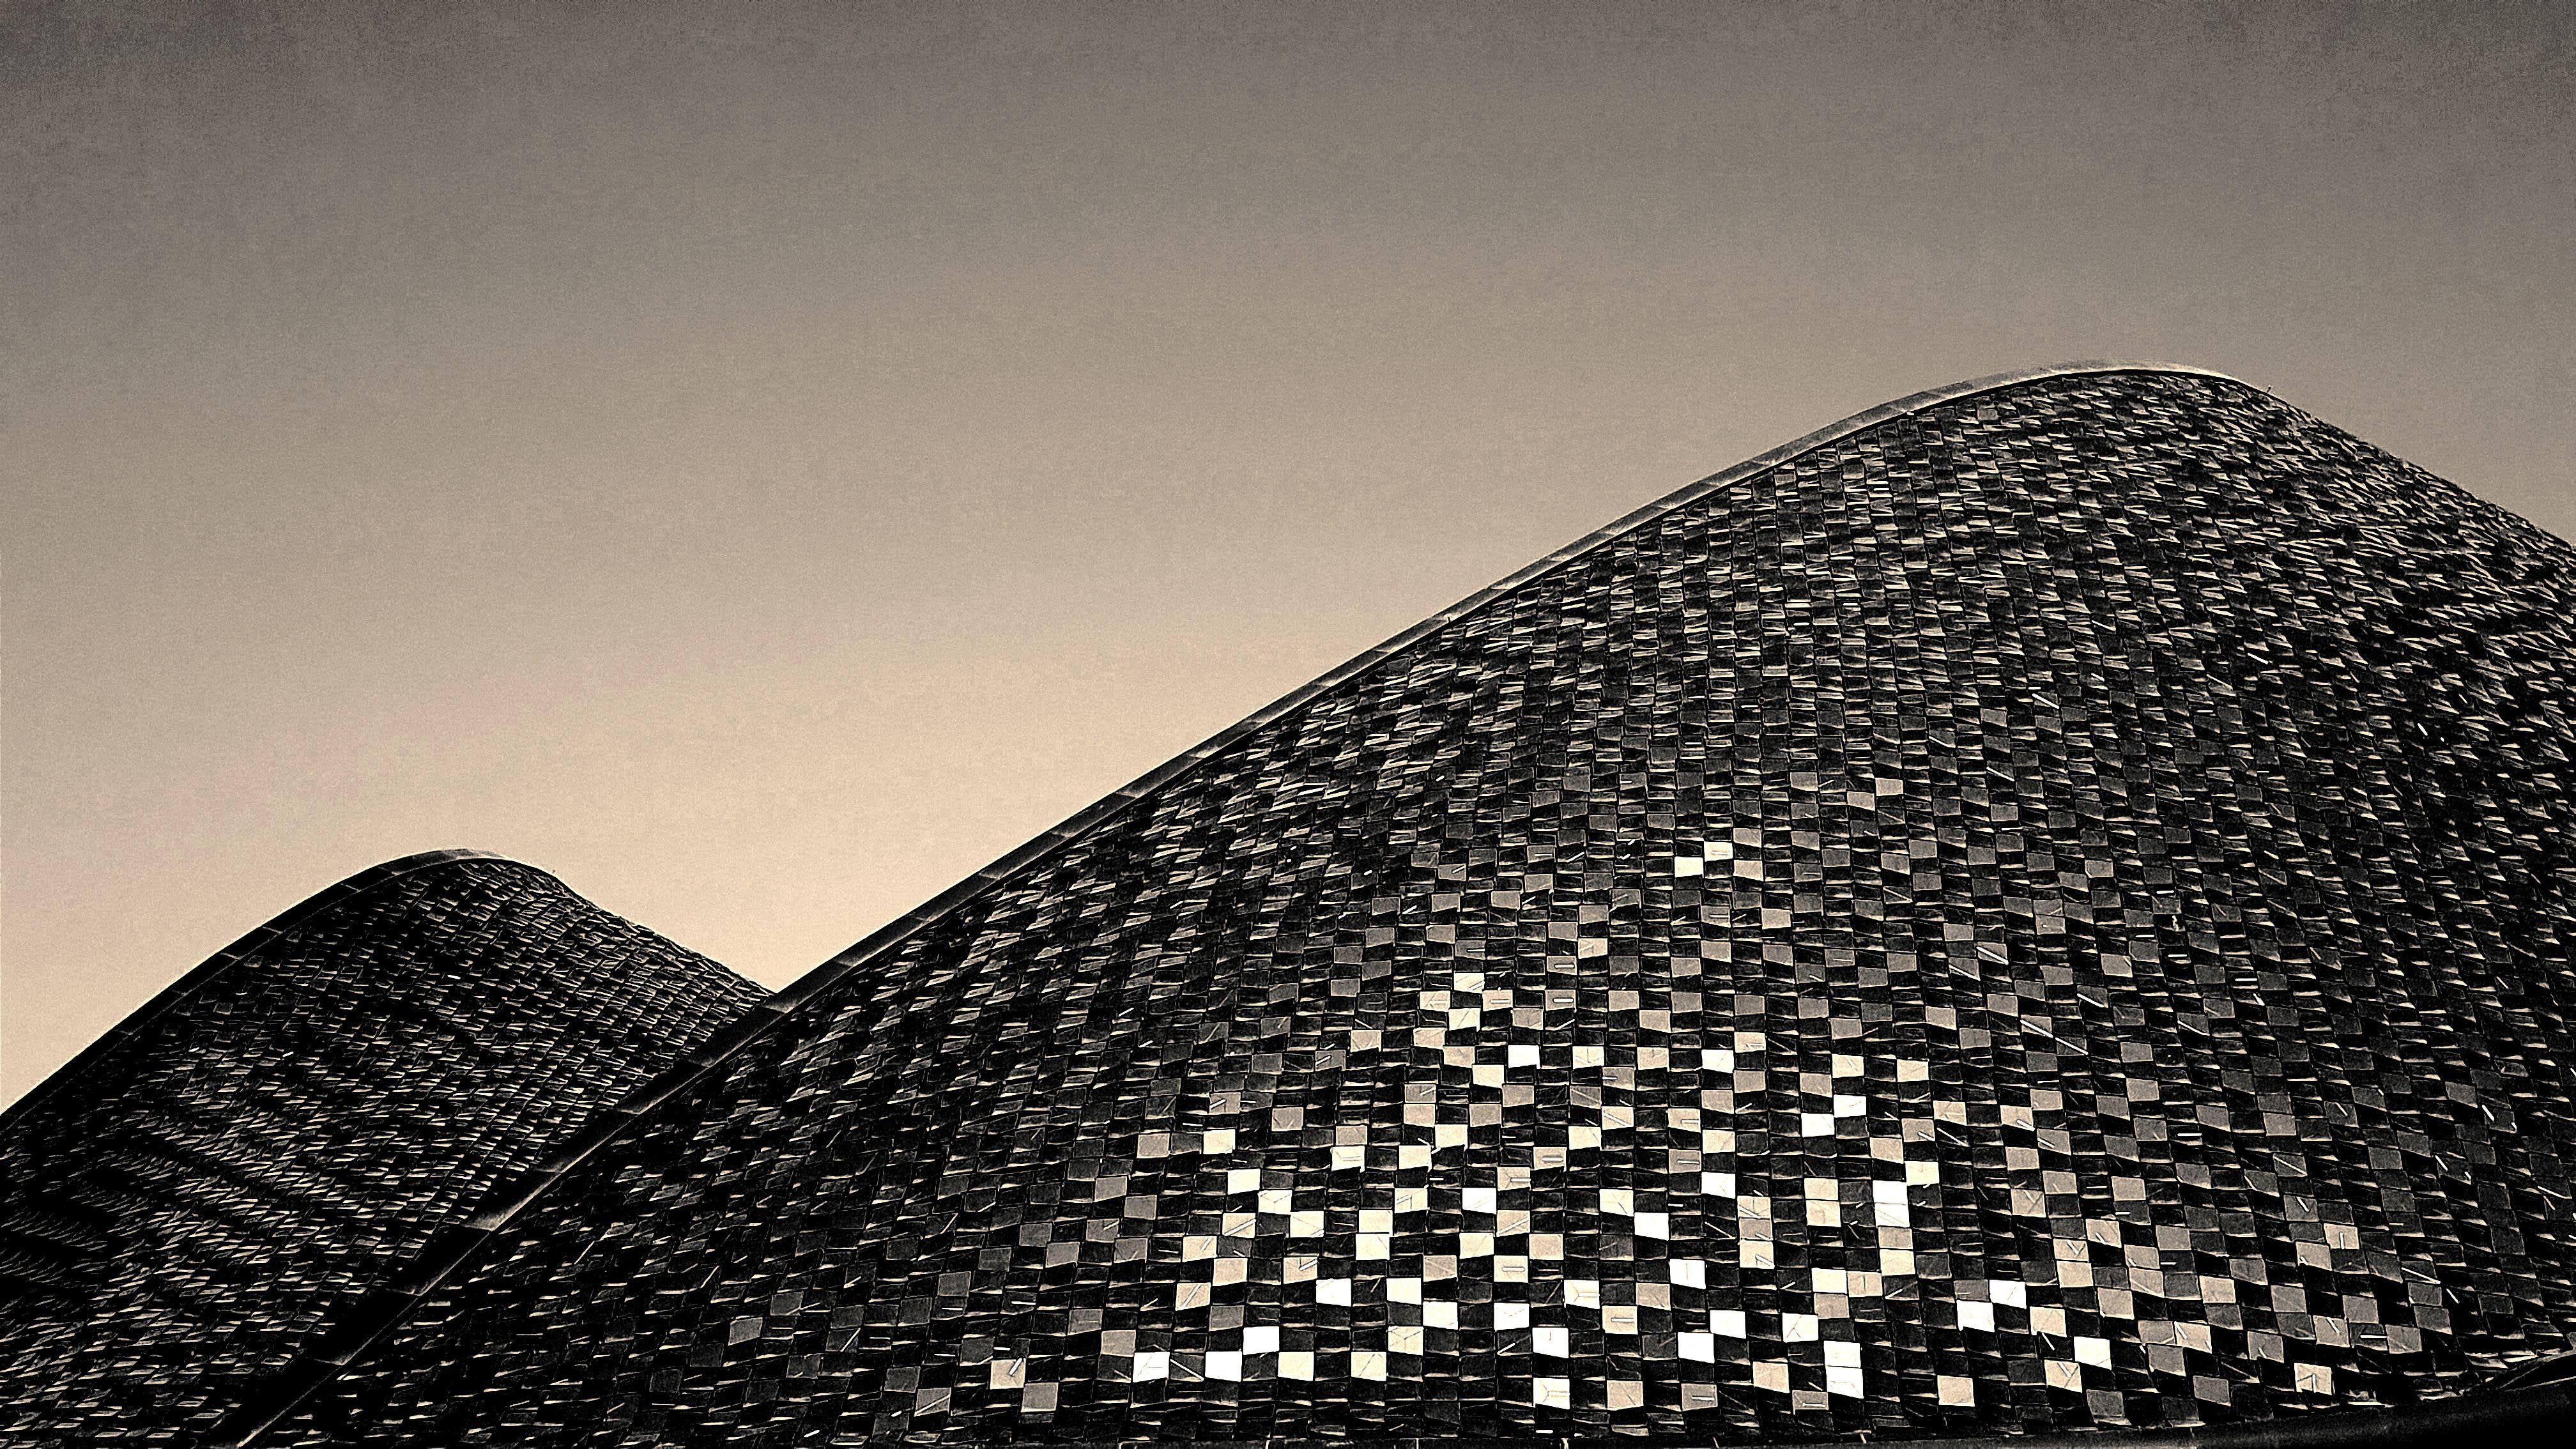 UAE Pavilion, Abu Dhabi